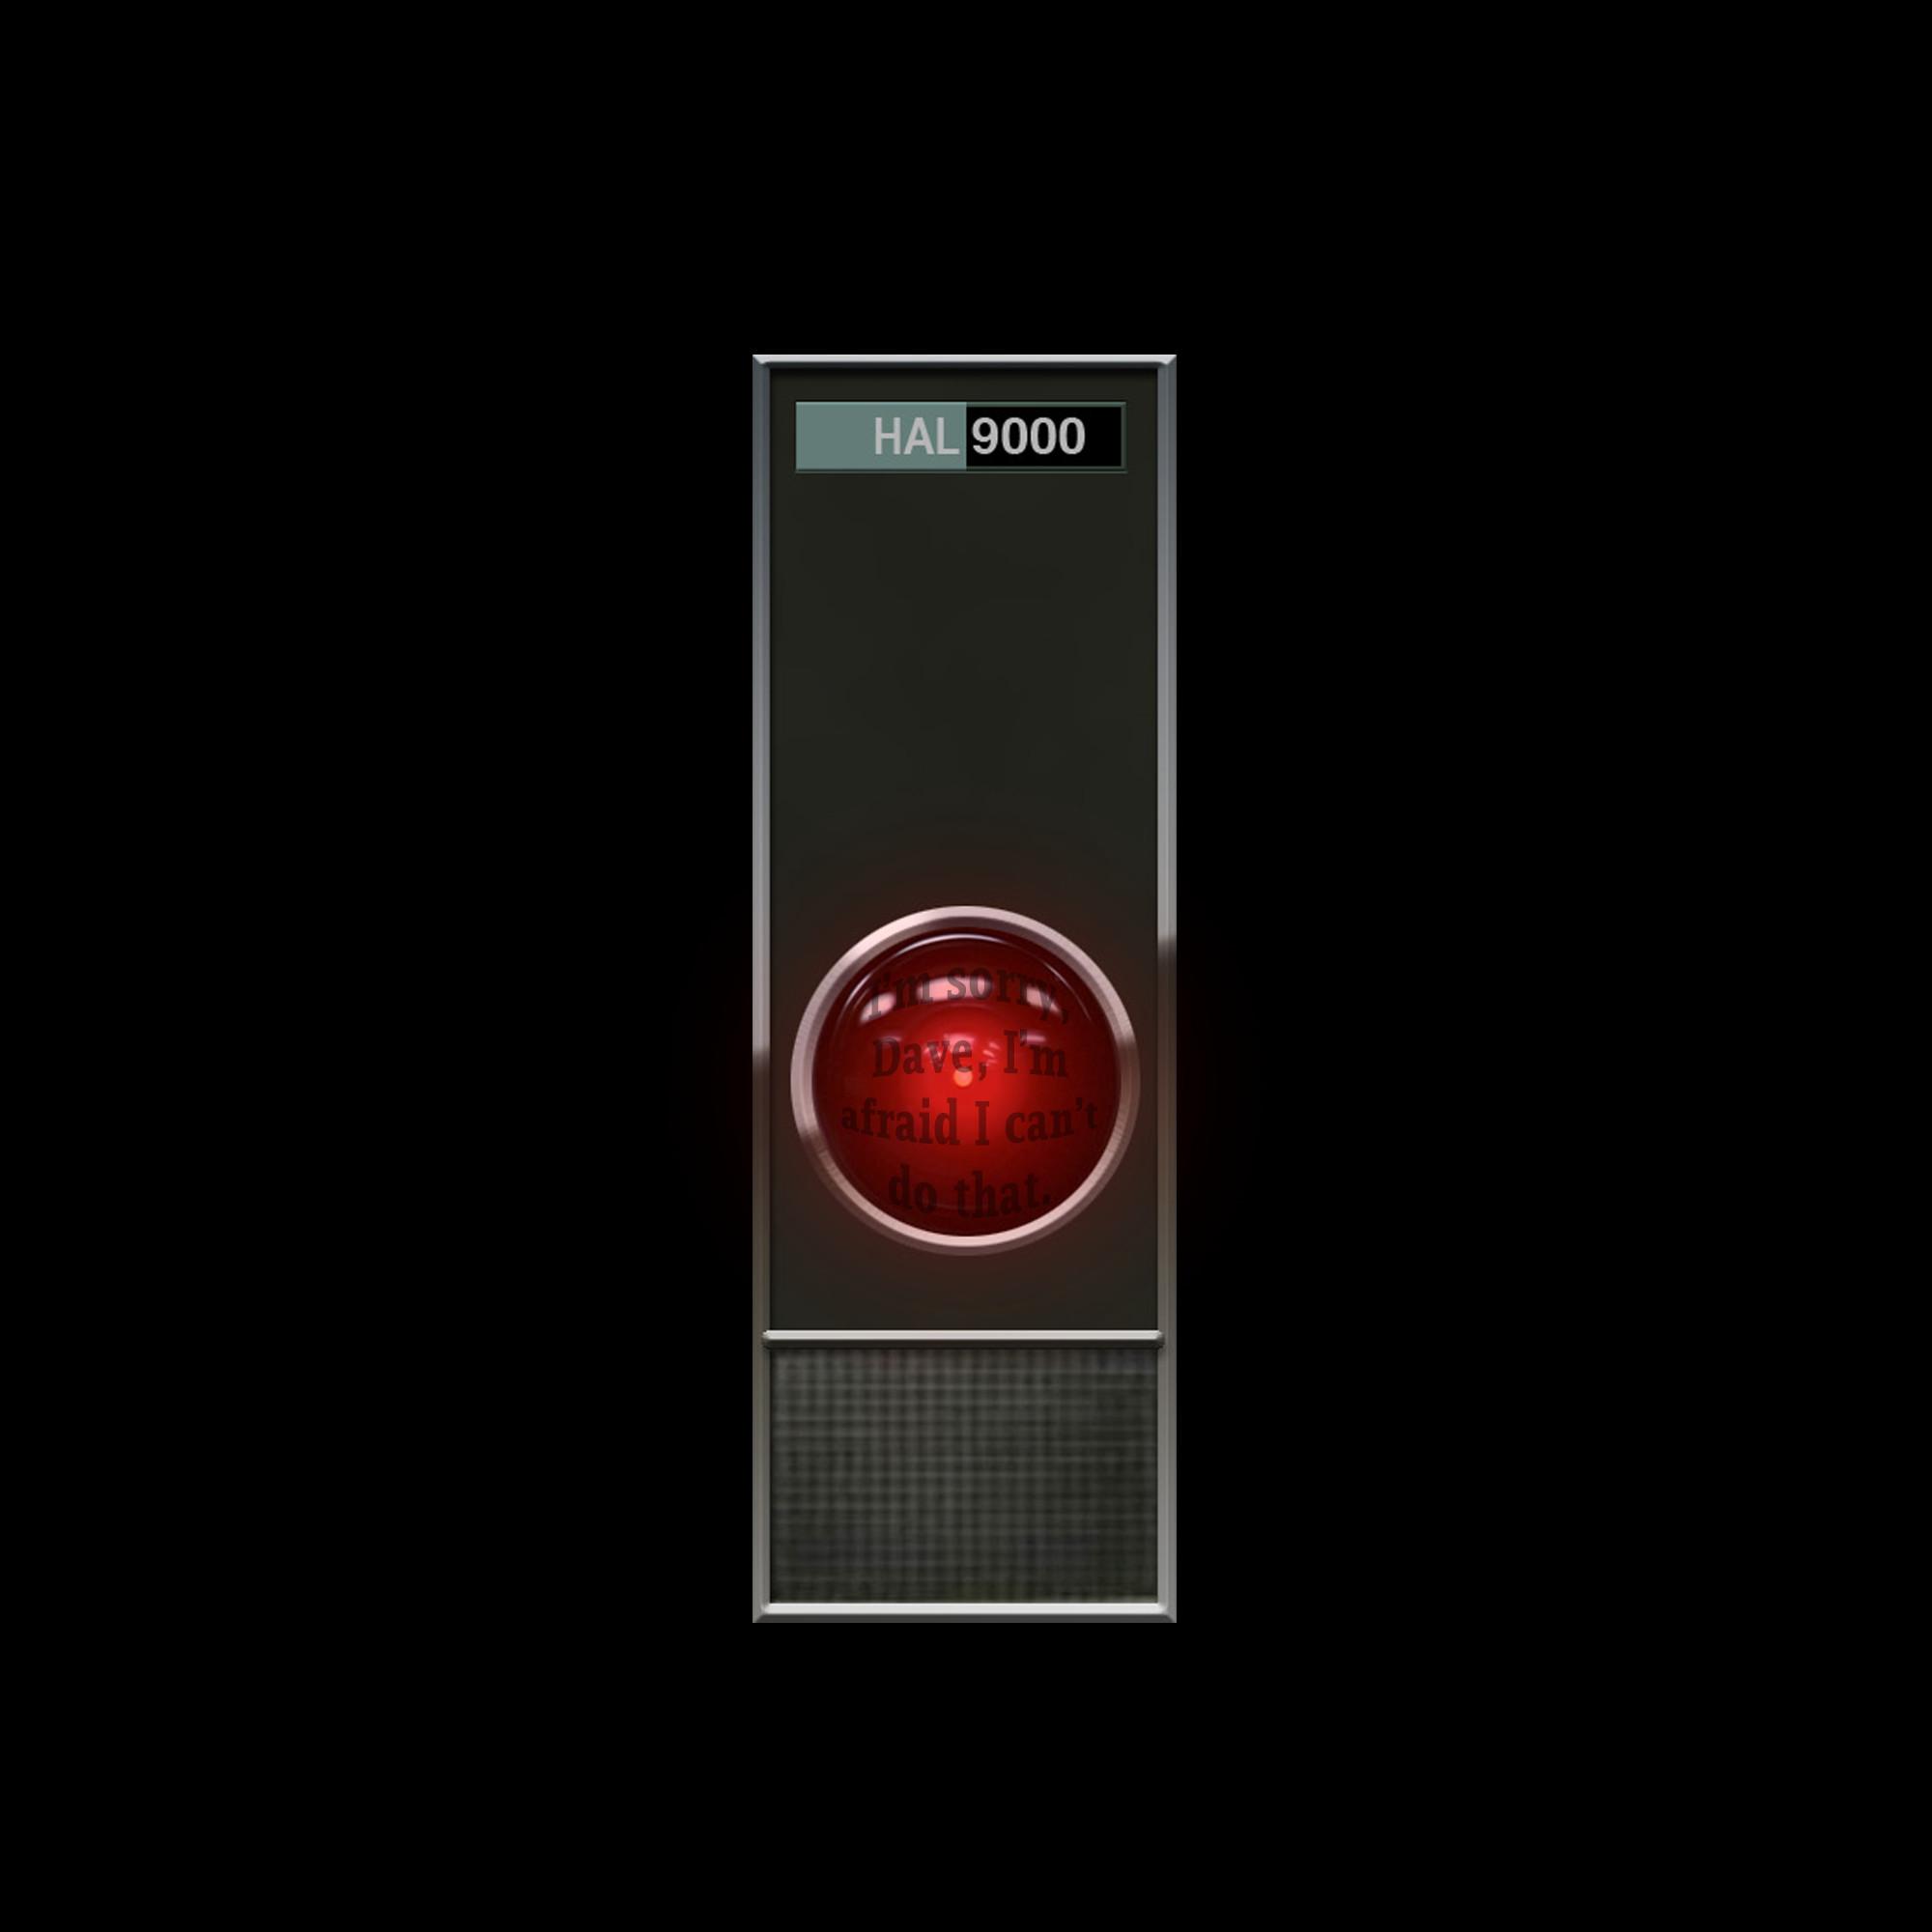 HAL 9000 by Schritt HAL 9000 by Schritt